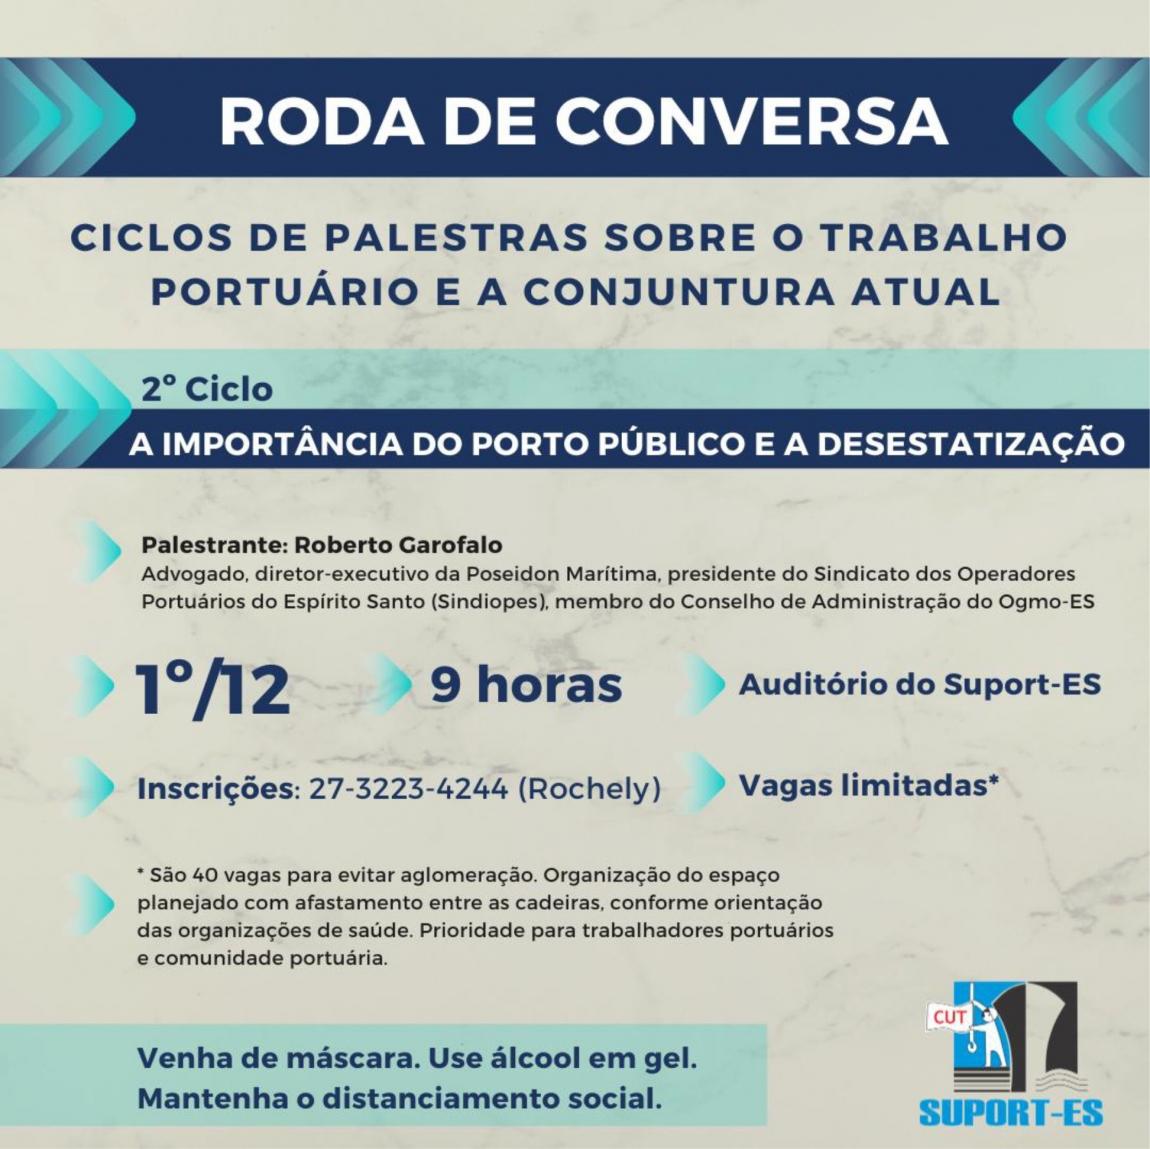 Imagem de Porto Público e desestatização é o tema do 2º Ciclo de Palestras dos Portuários de Vitória